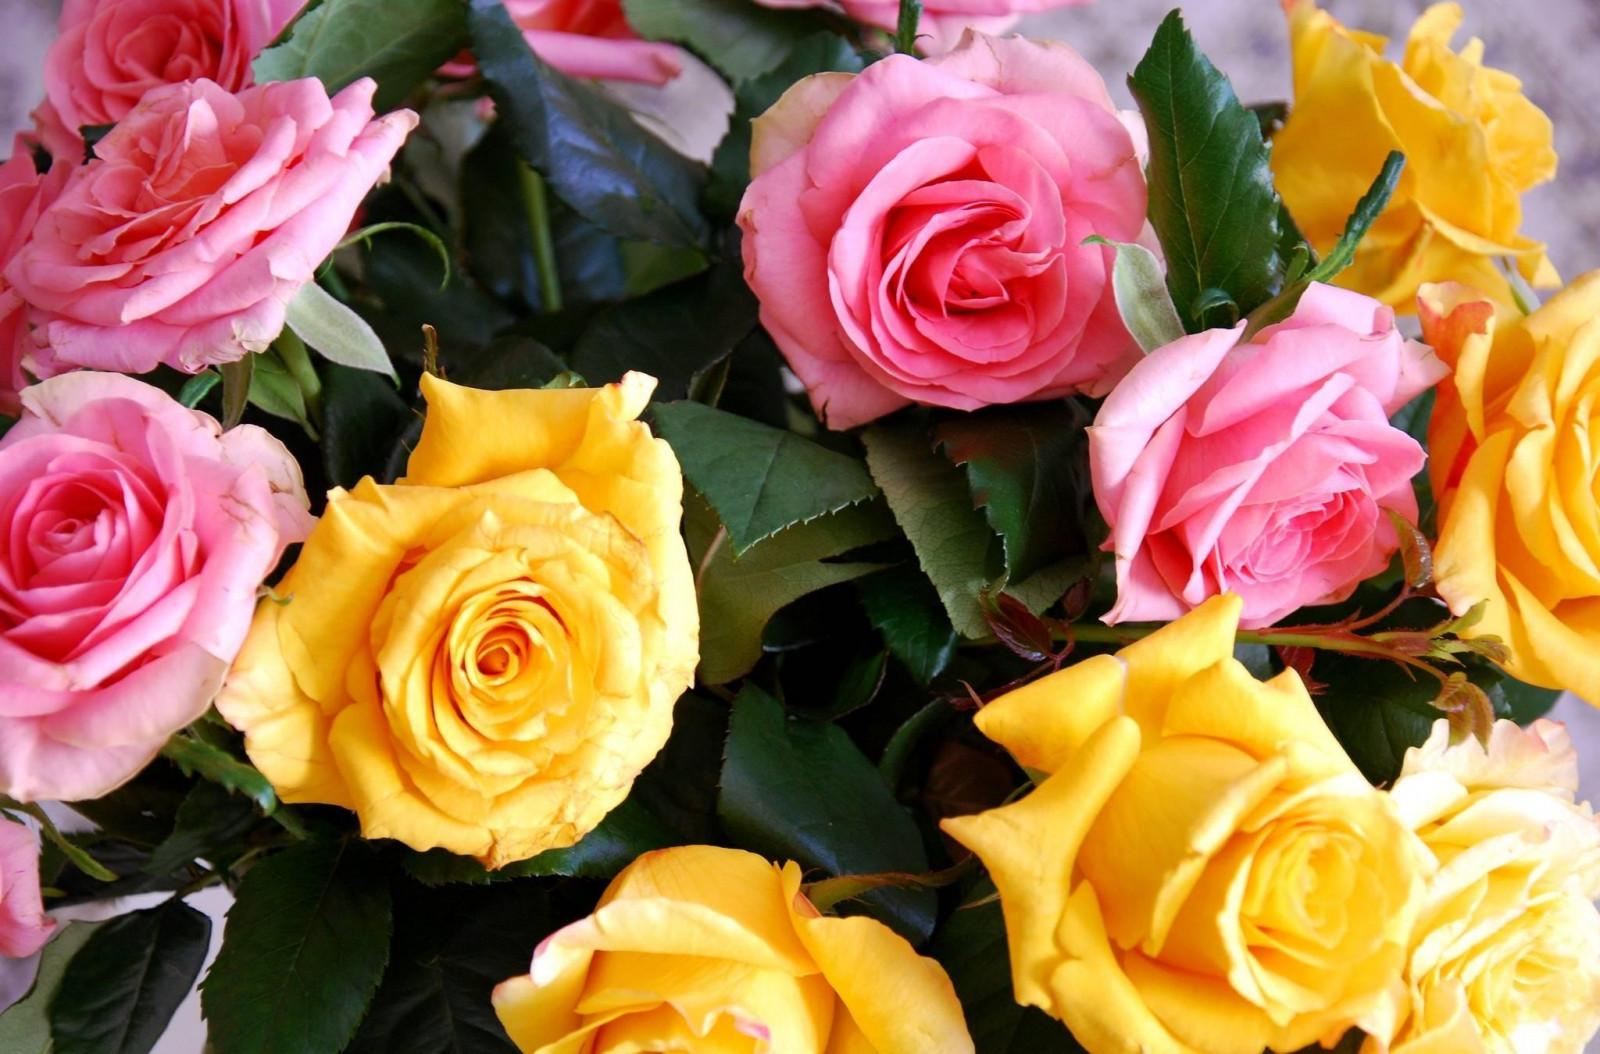 картинки роз по почте антикварном магазине печать